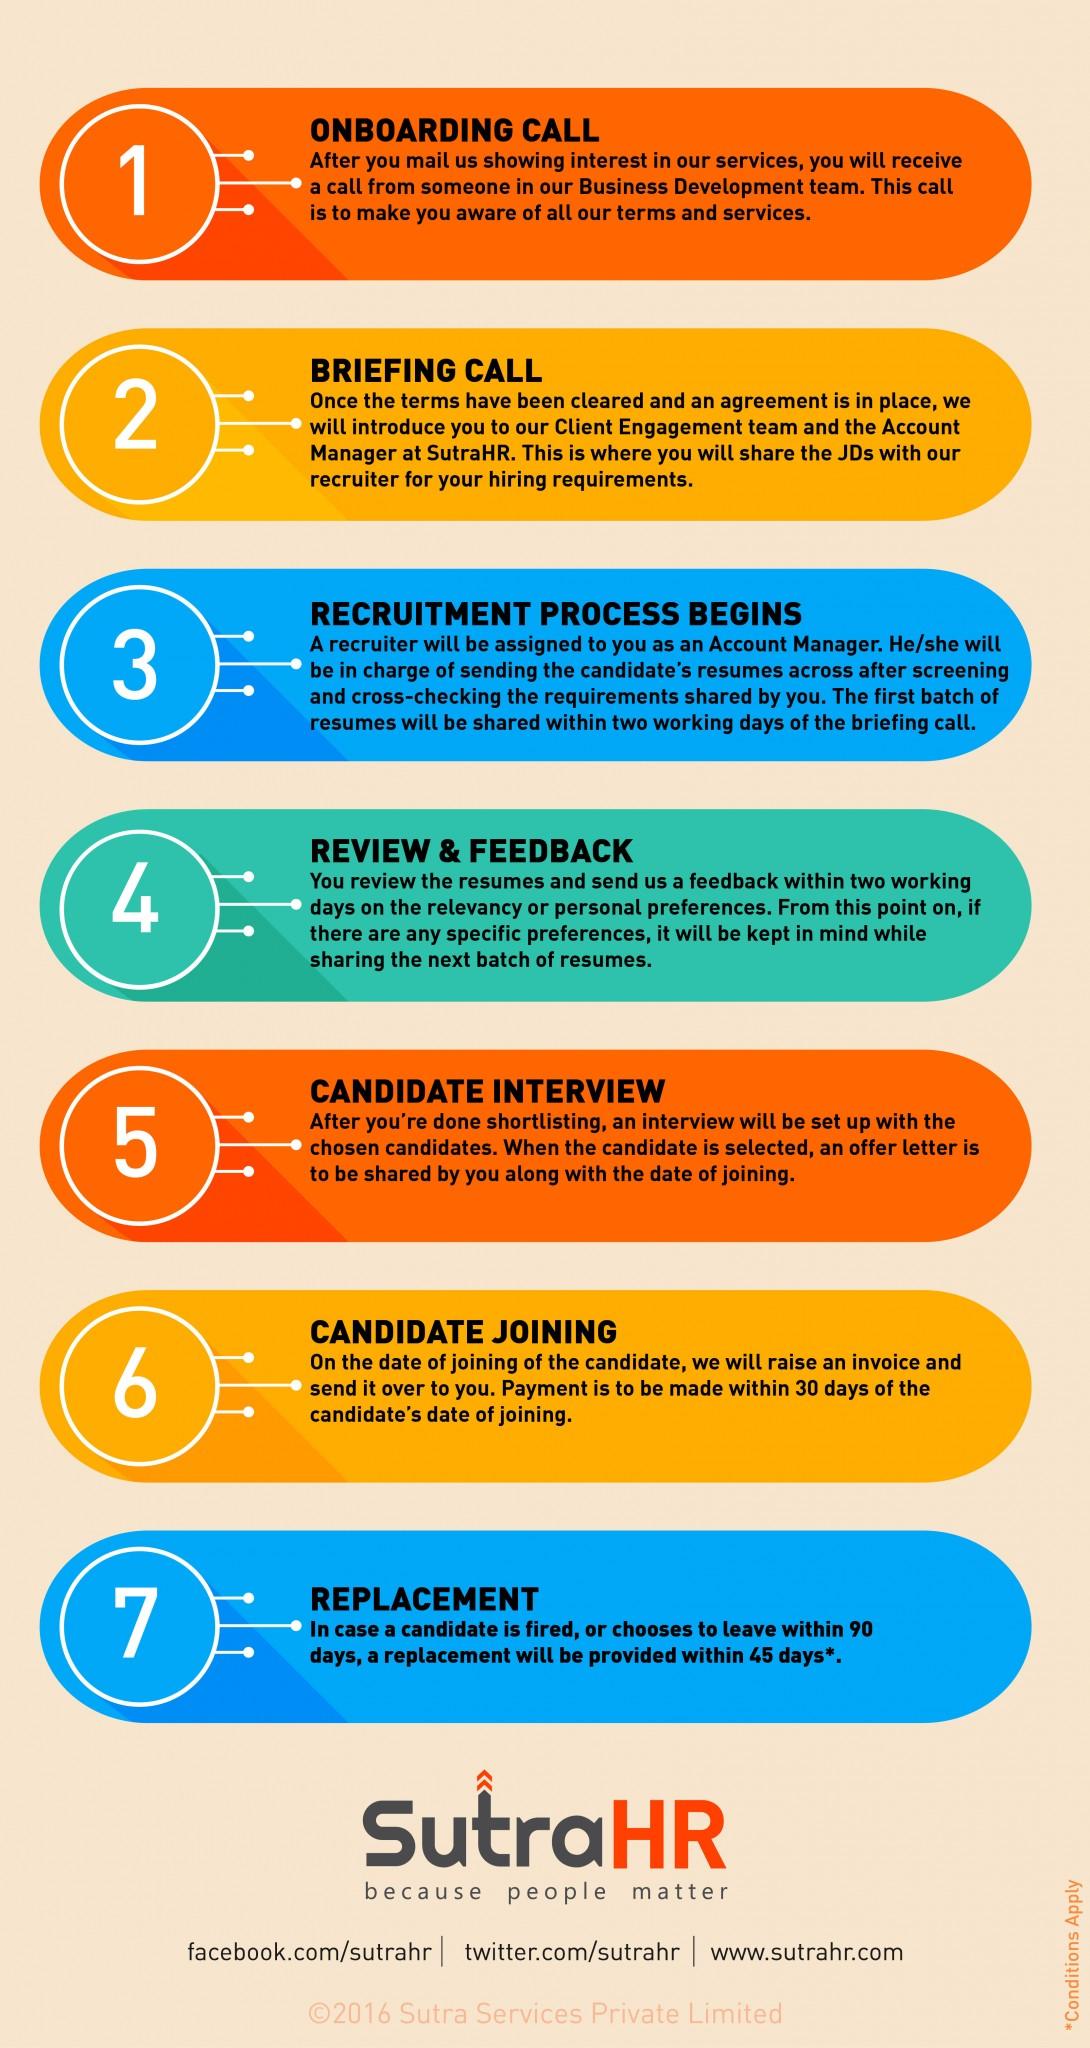 SutraHR Startup Hiring Process